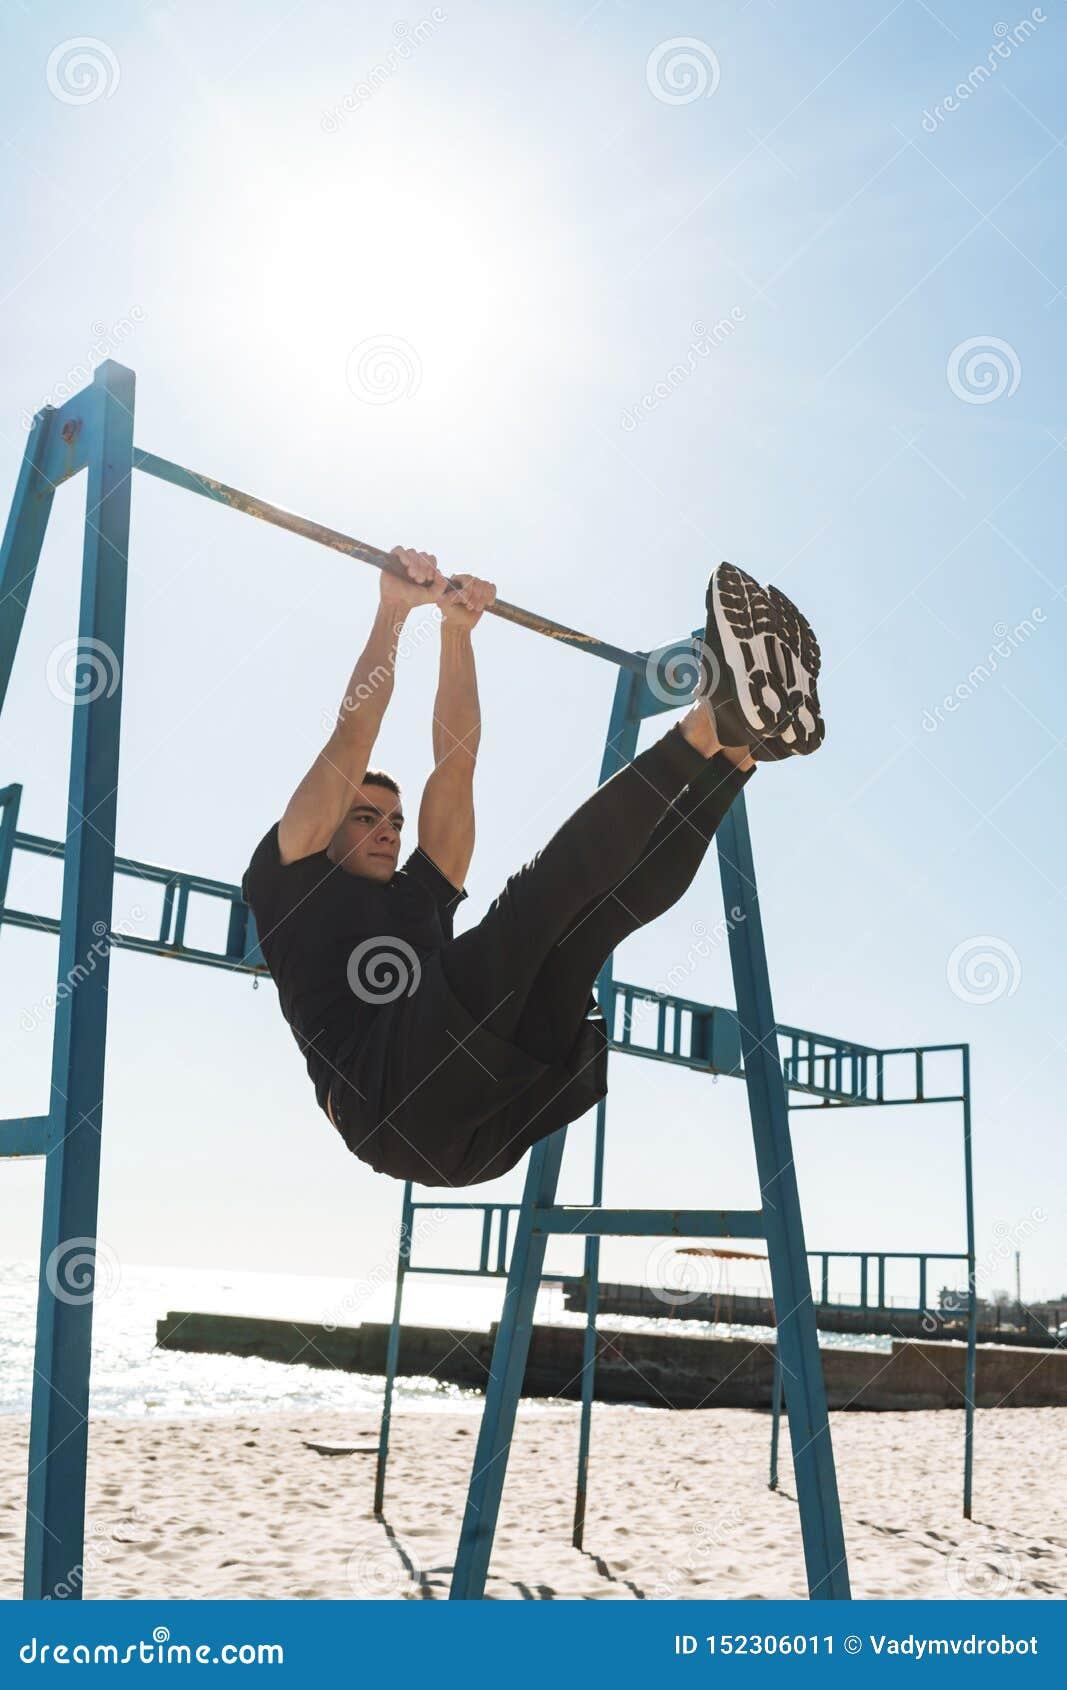 Foto del individuo hermoso que hace la acrobacia en barra gimnástica horizontal durante entrenamiento de la mañana por la playa